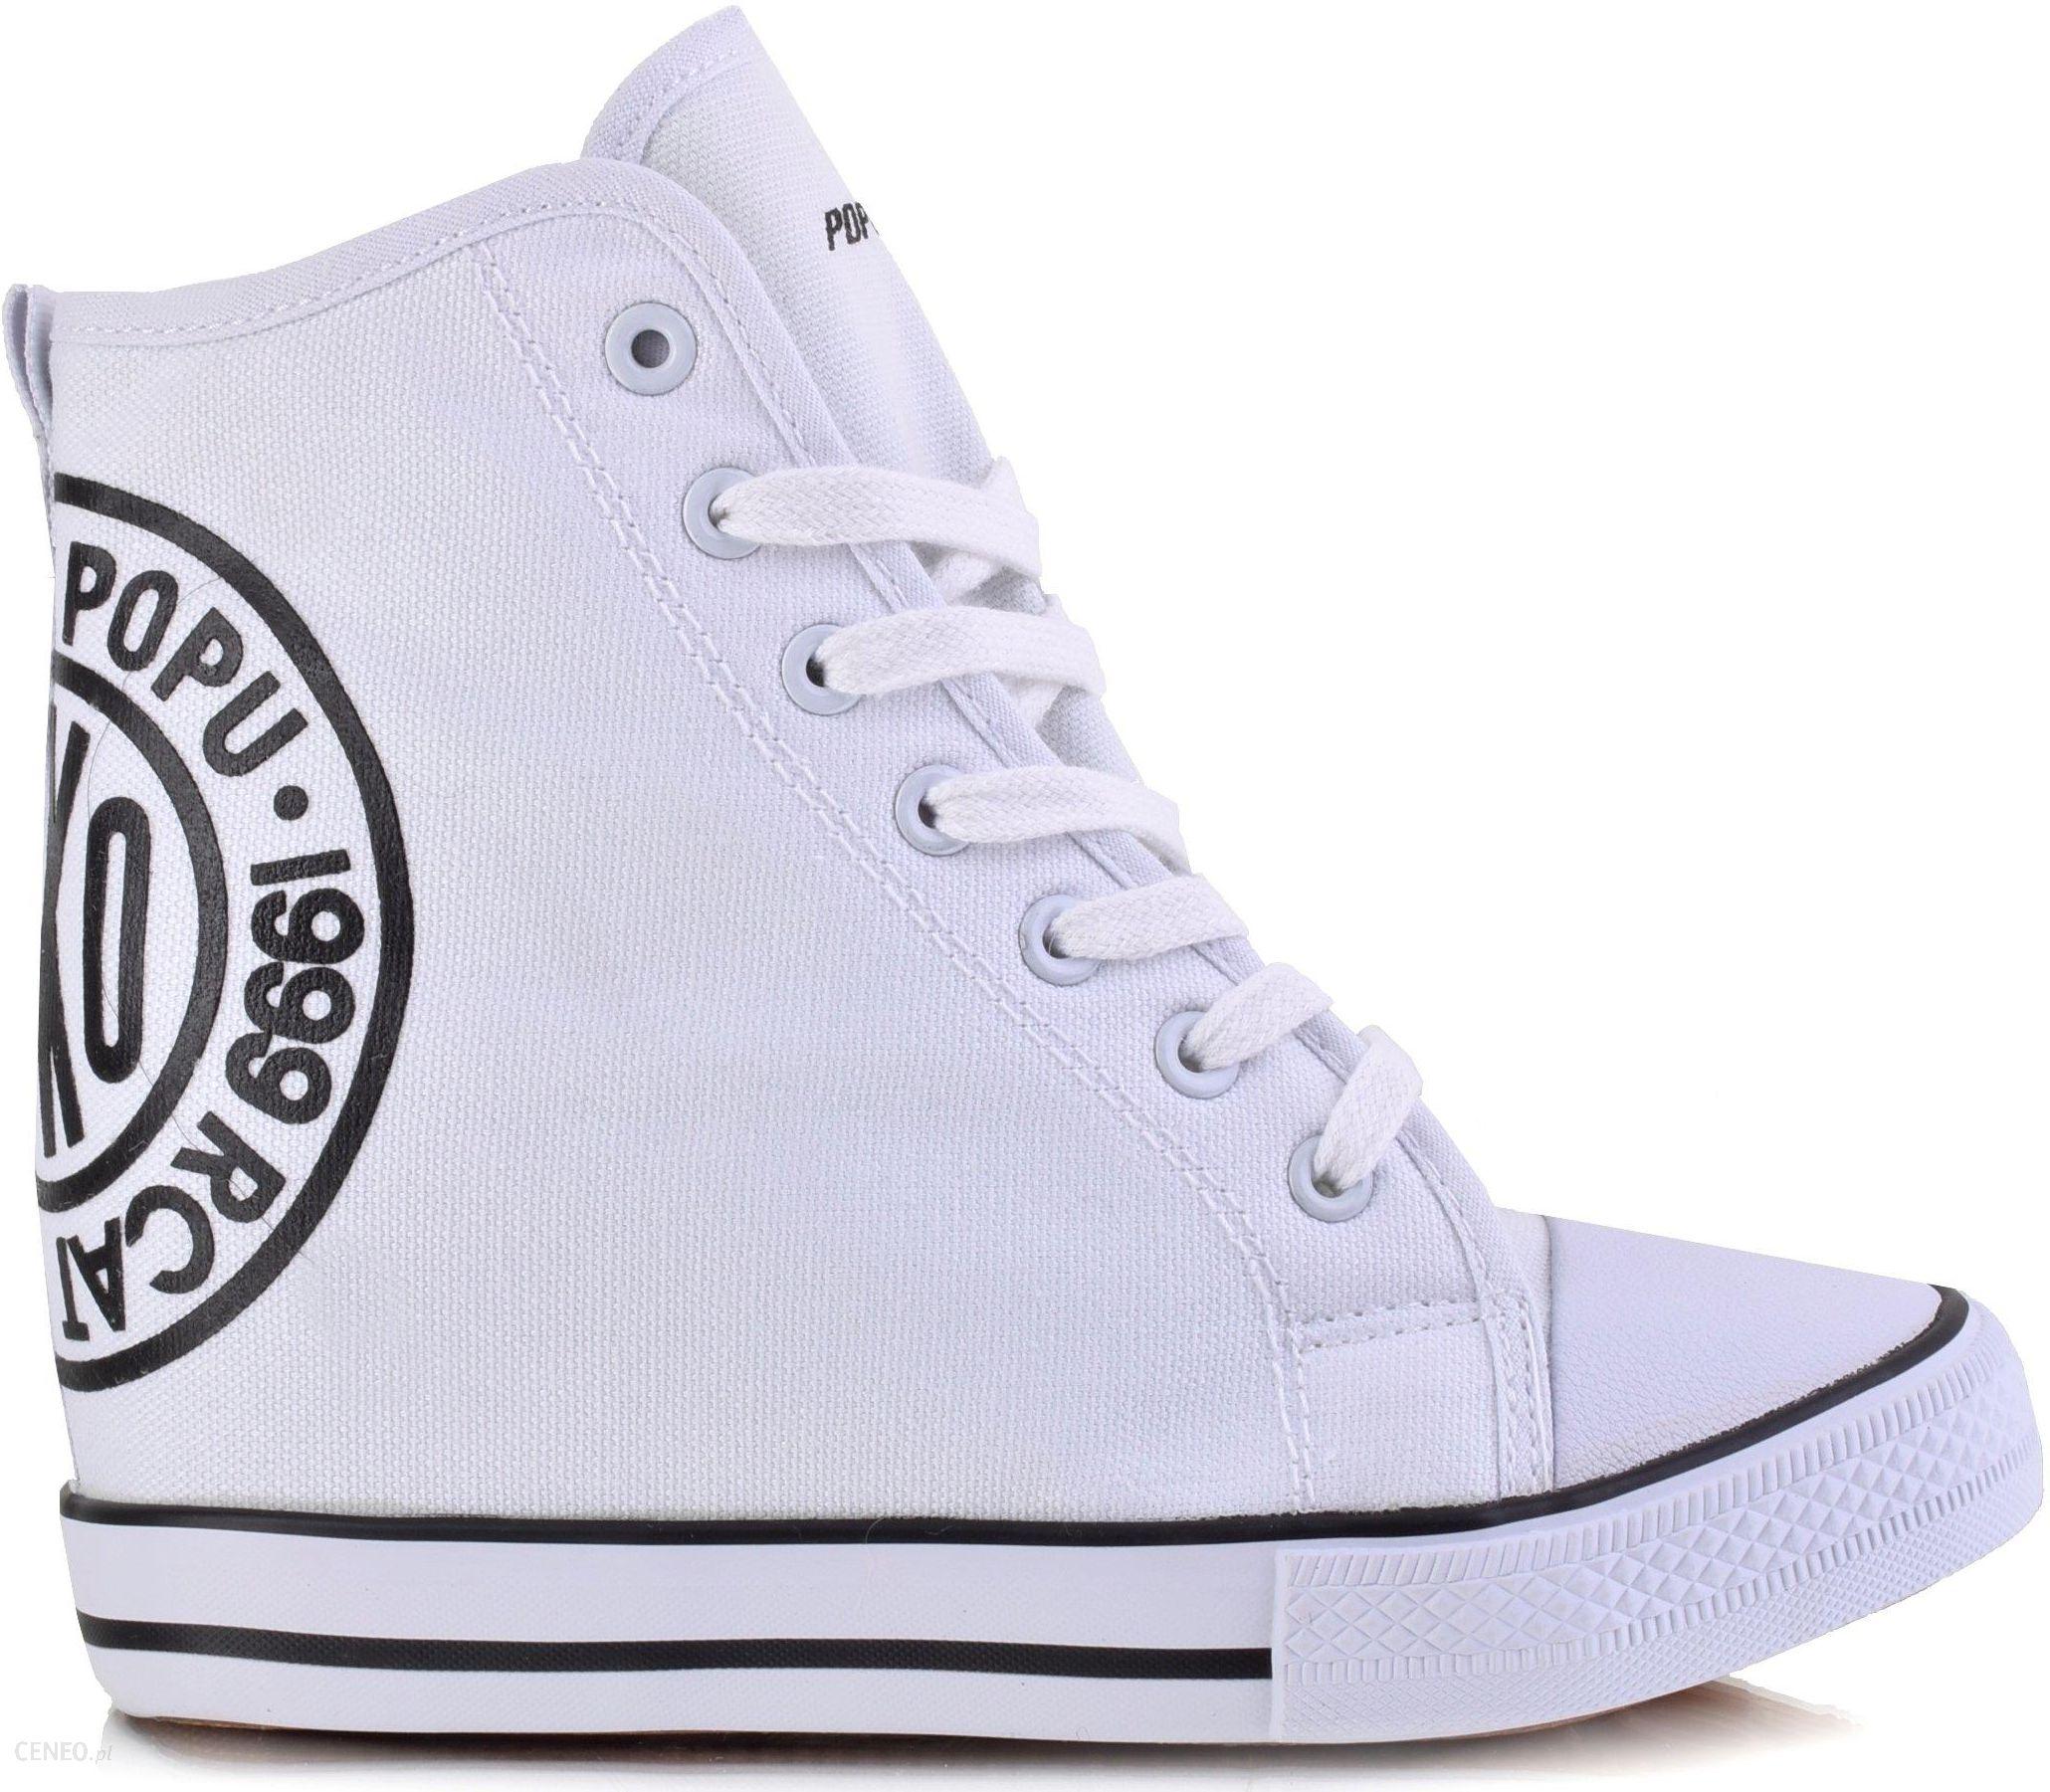 a3de2836 Materiałowe Sneakersy Botki Trampki Koturn Białe - Ceny i opinie ...